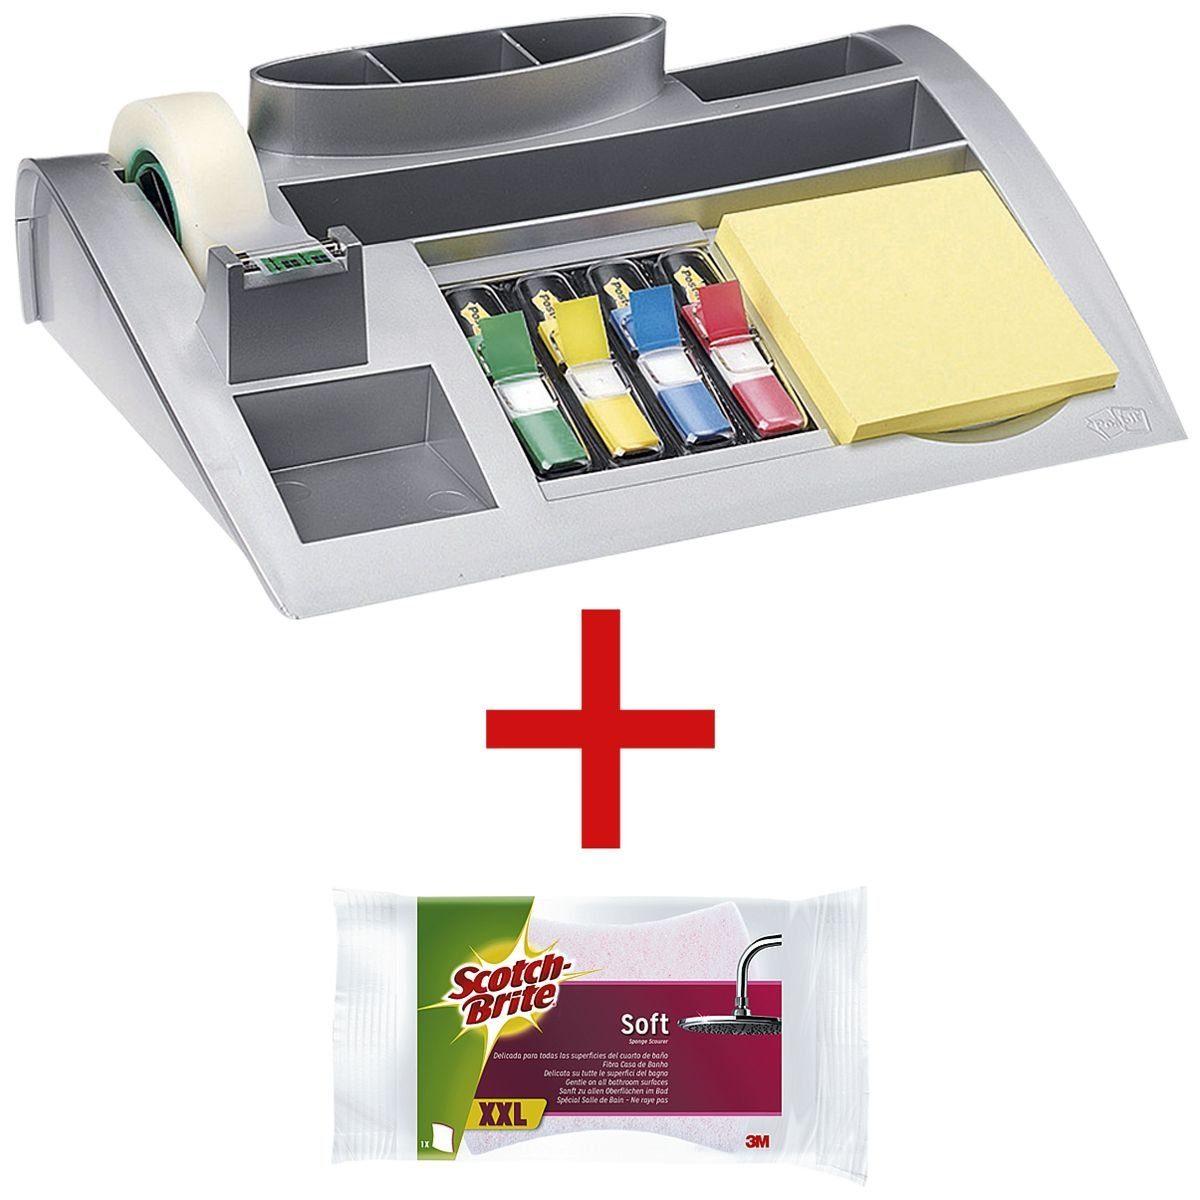 POSTIT Schreibtisch-Organizer inkl. Reinigungsschwamm »Soft« 1 Set